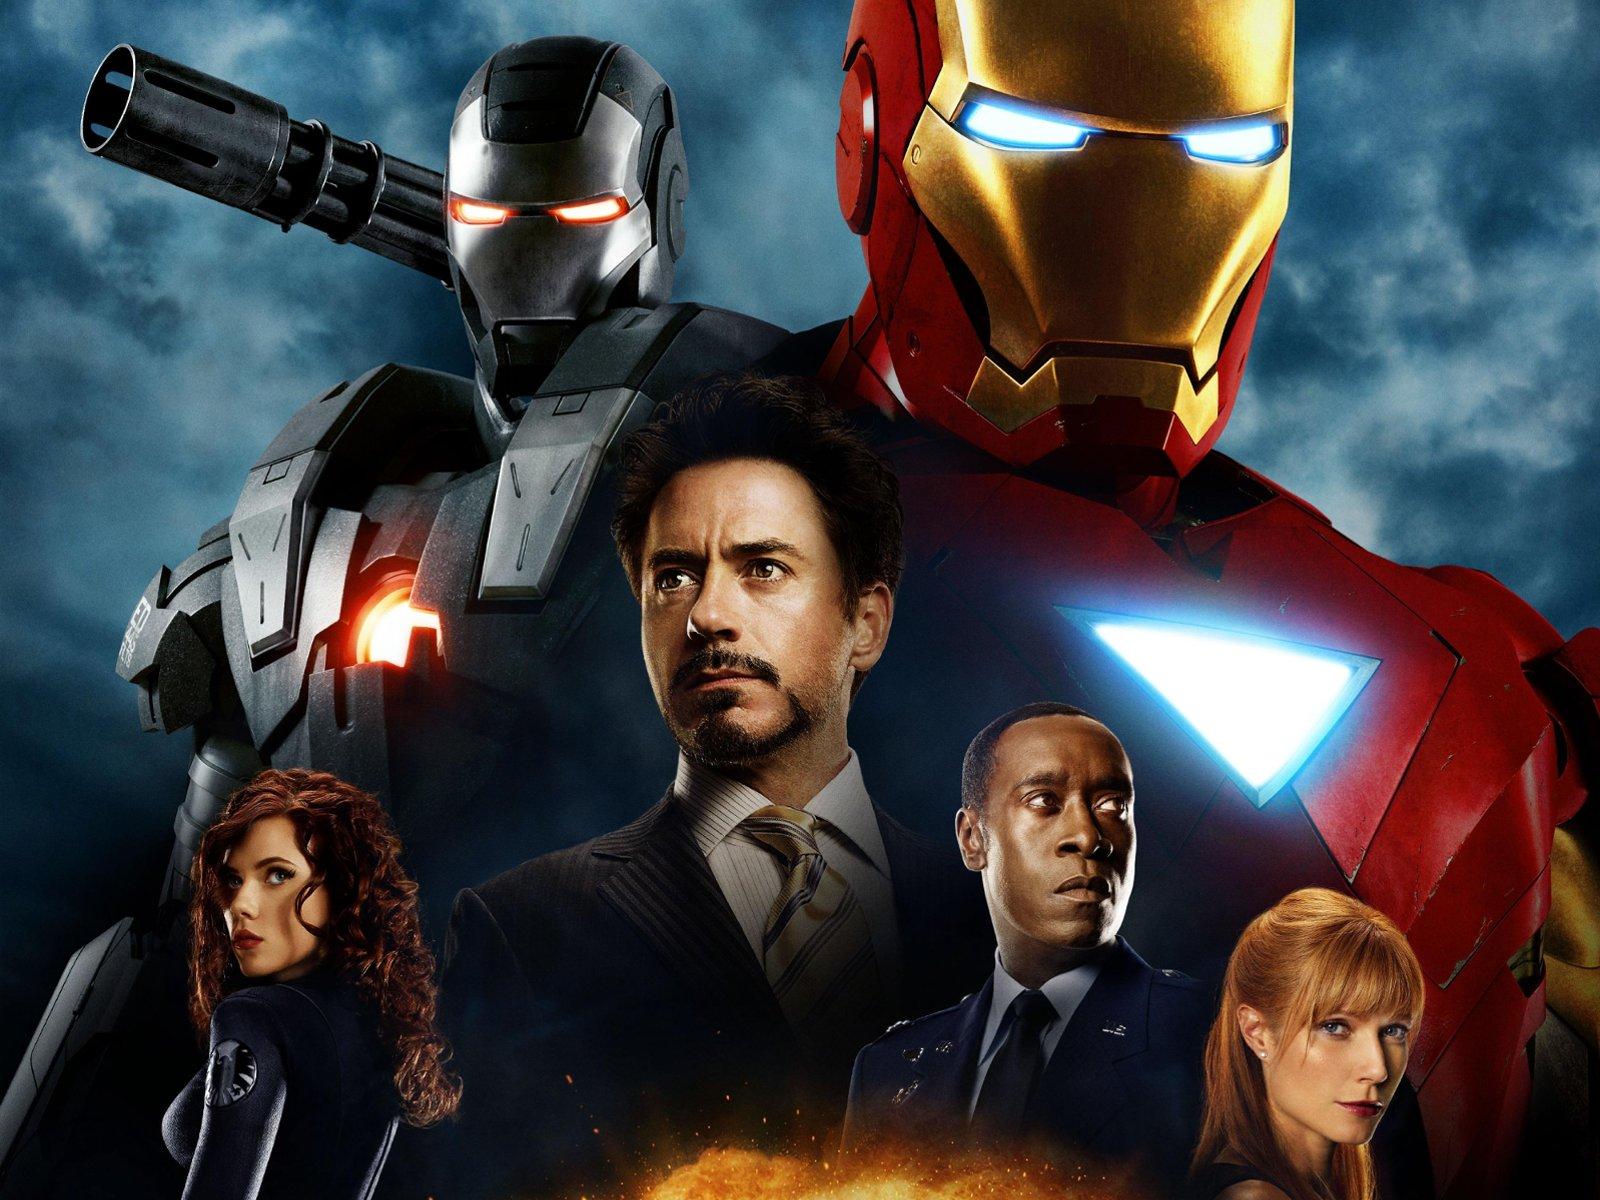 Iron man 2 фильм железный человек 2